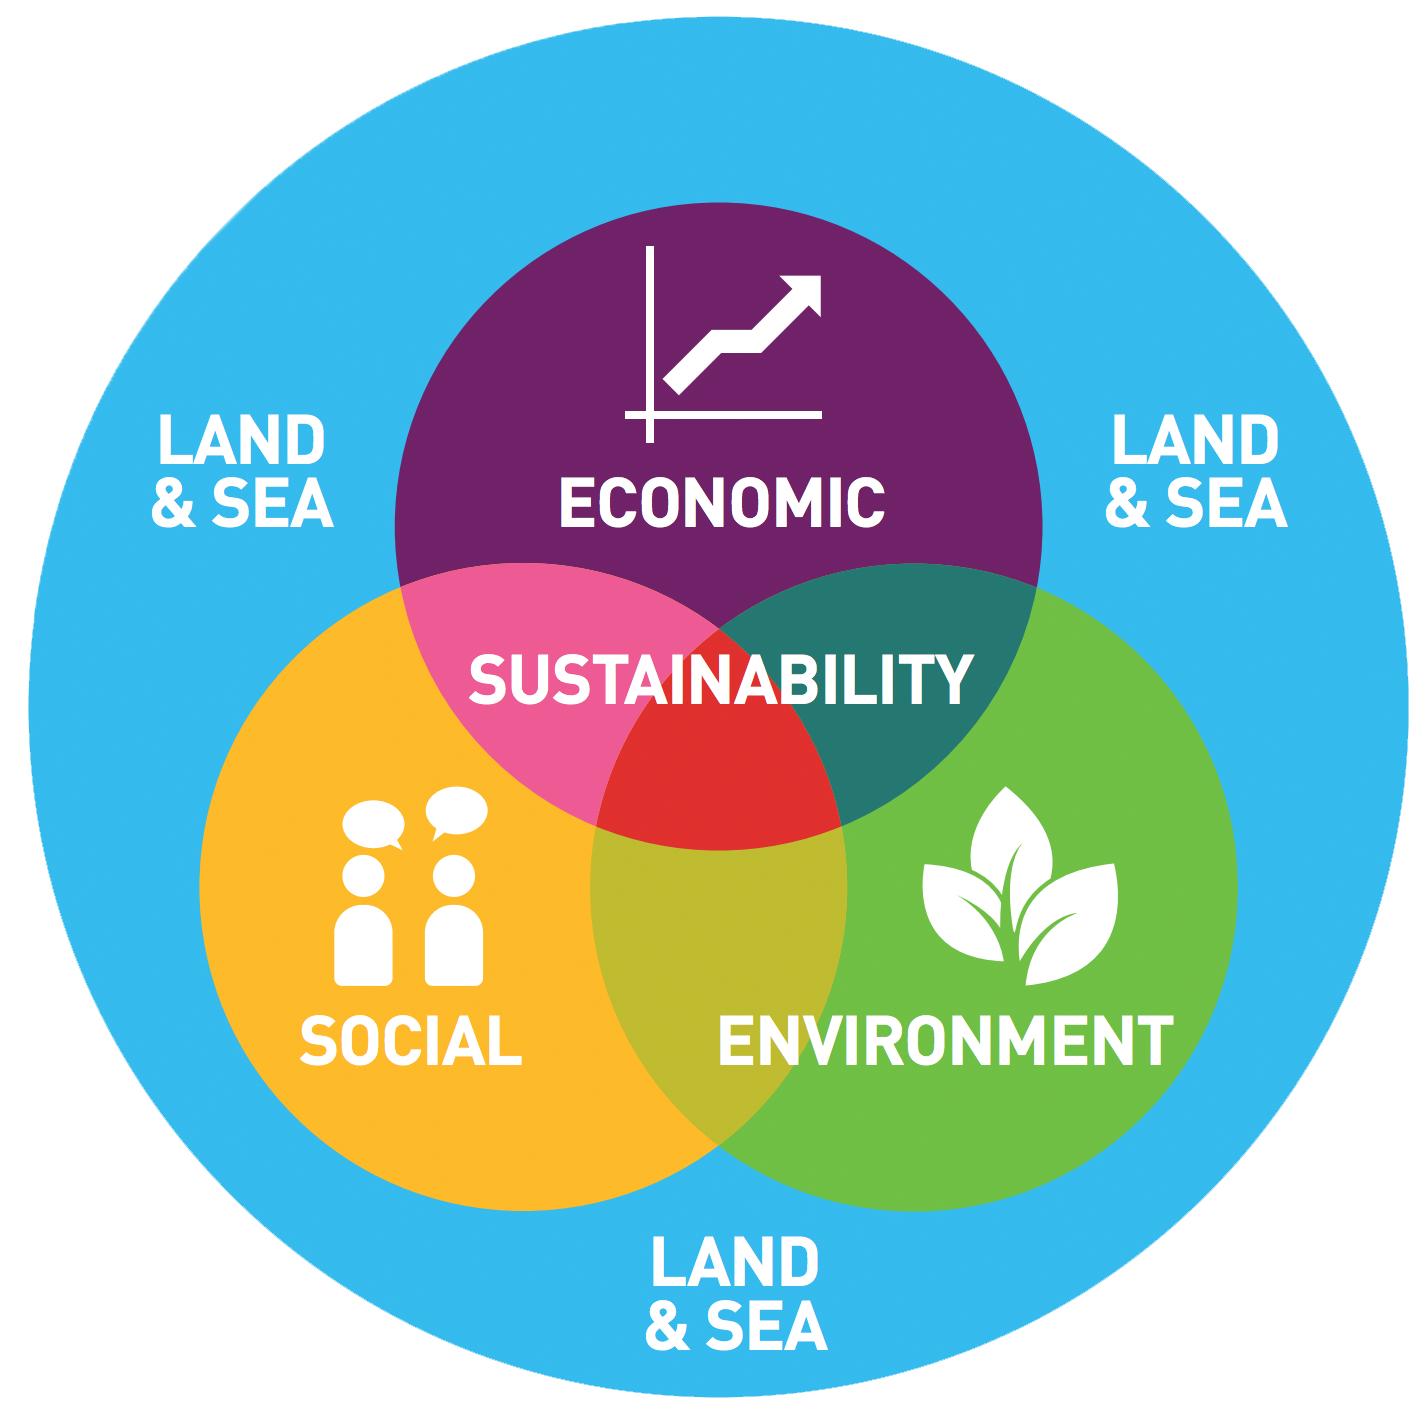 balance economic development with sustainability